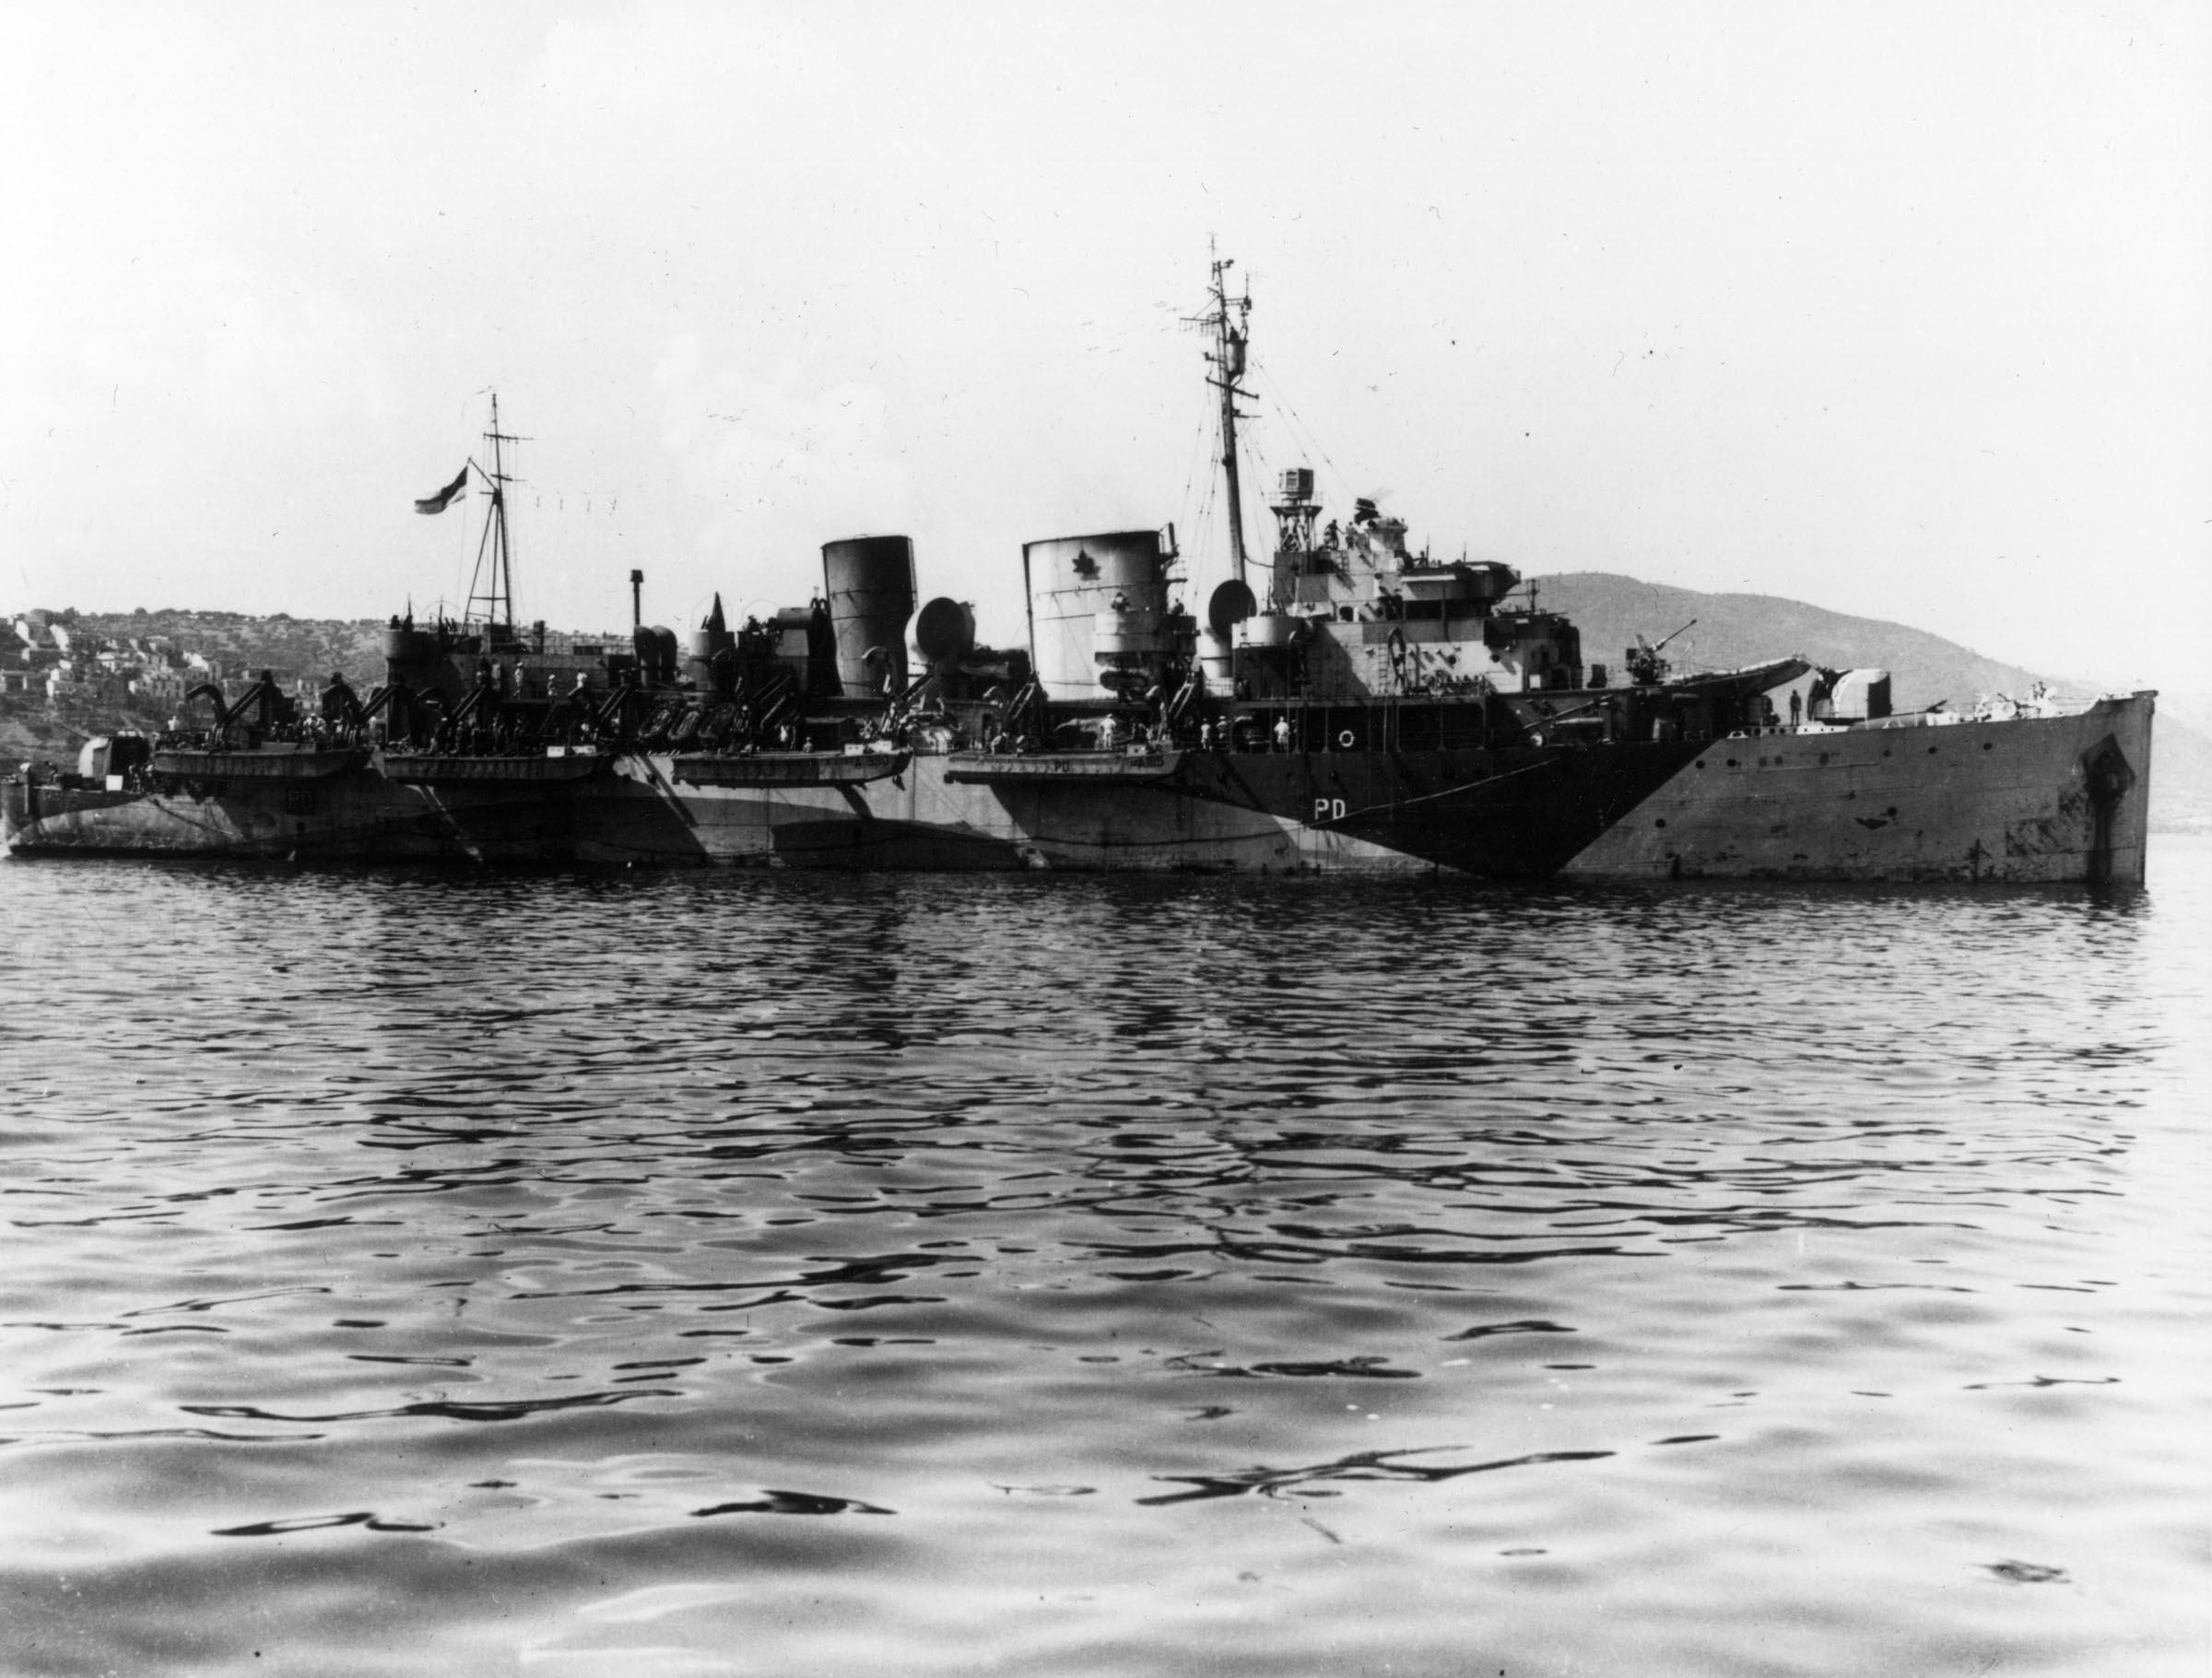 HMCS PRINCE DAVID